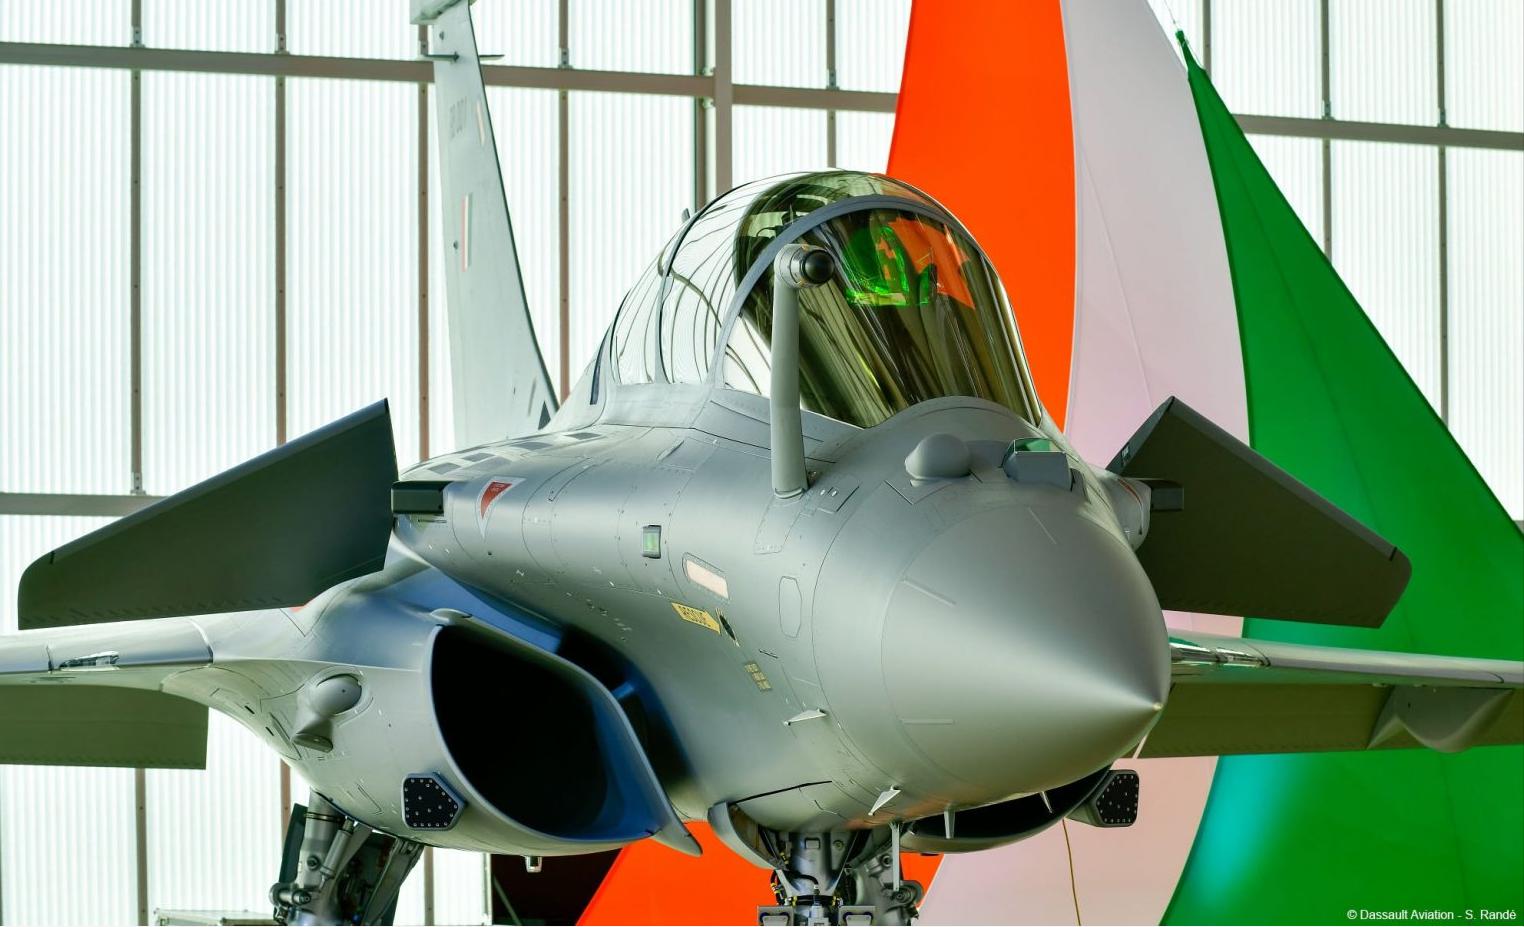 印度将本月底接收6架阵风战机 配射程超150公里空空导弹